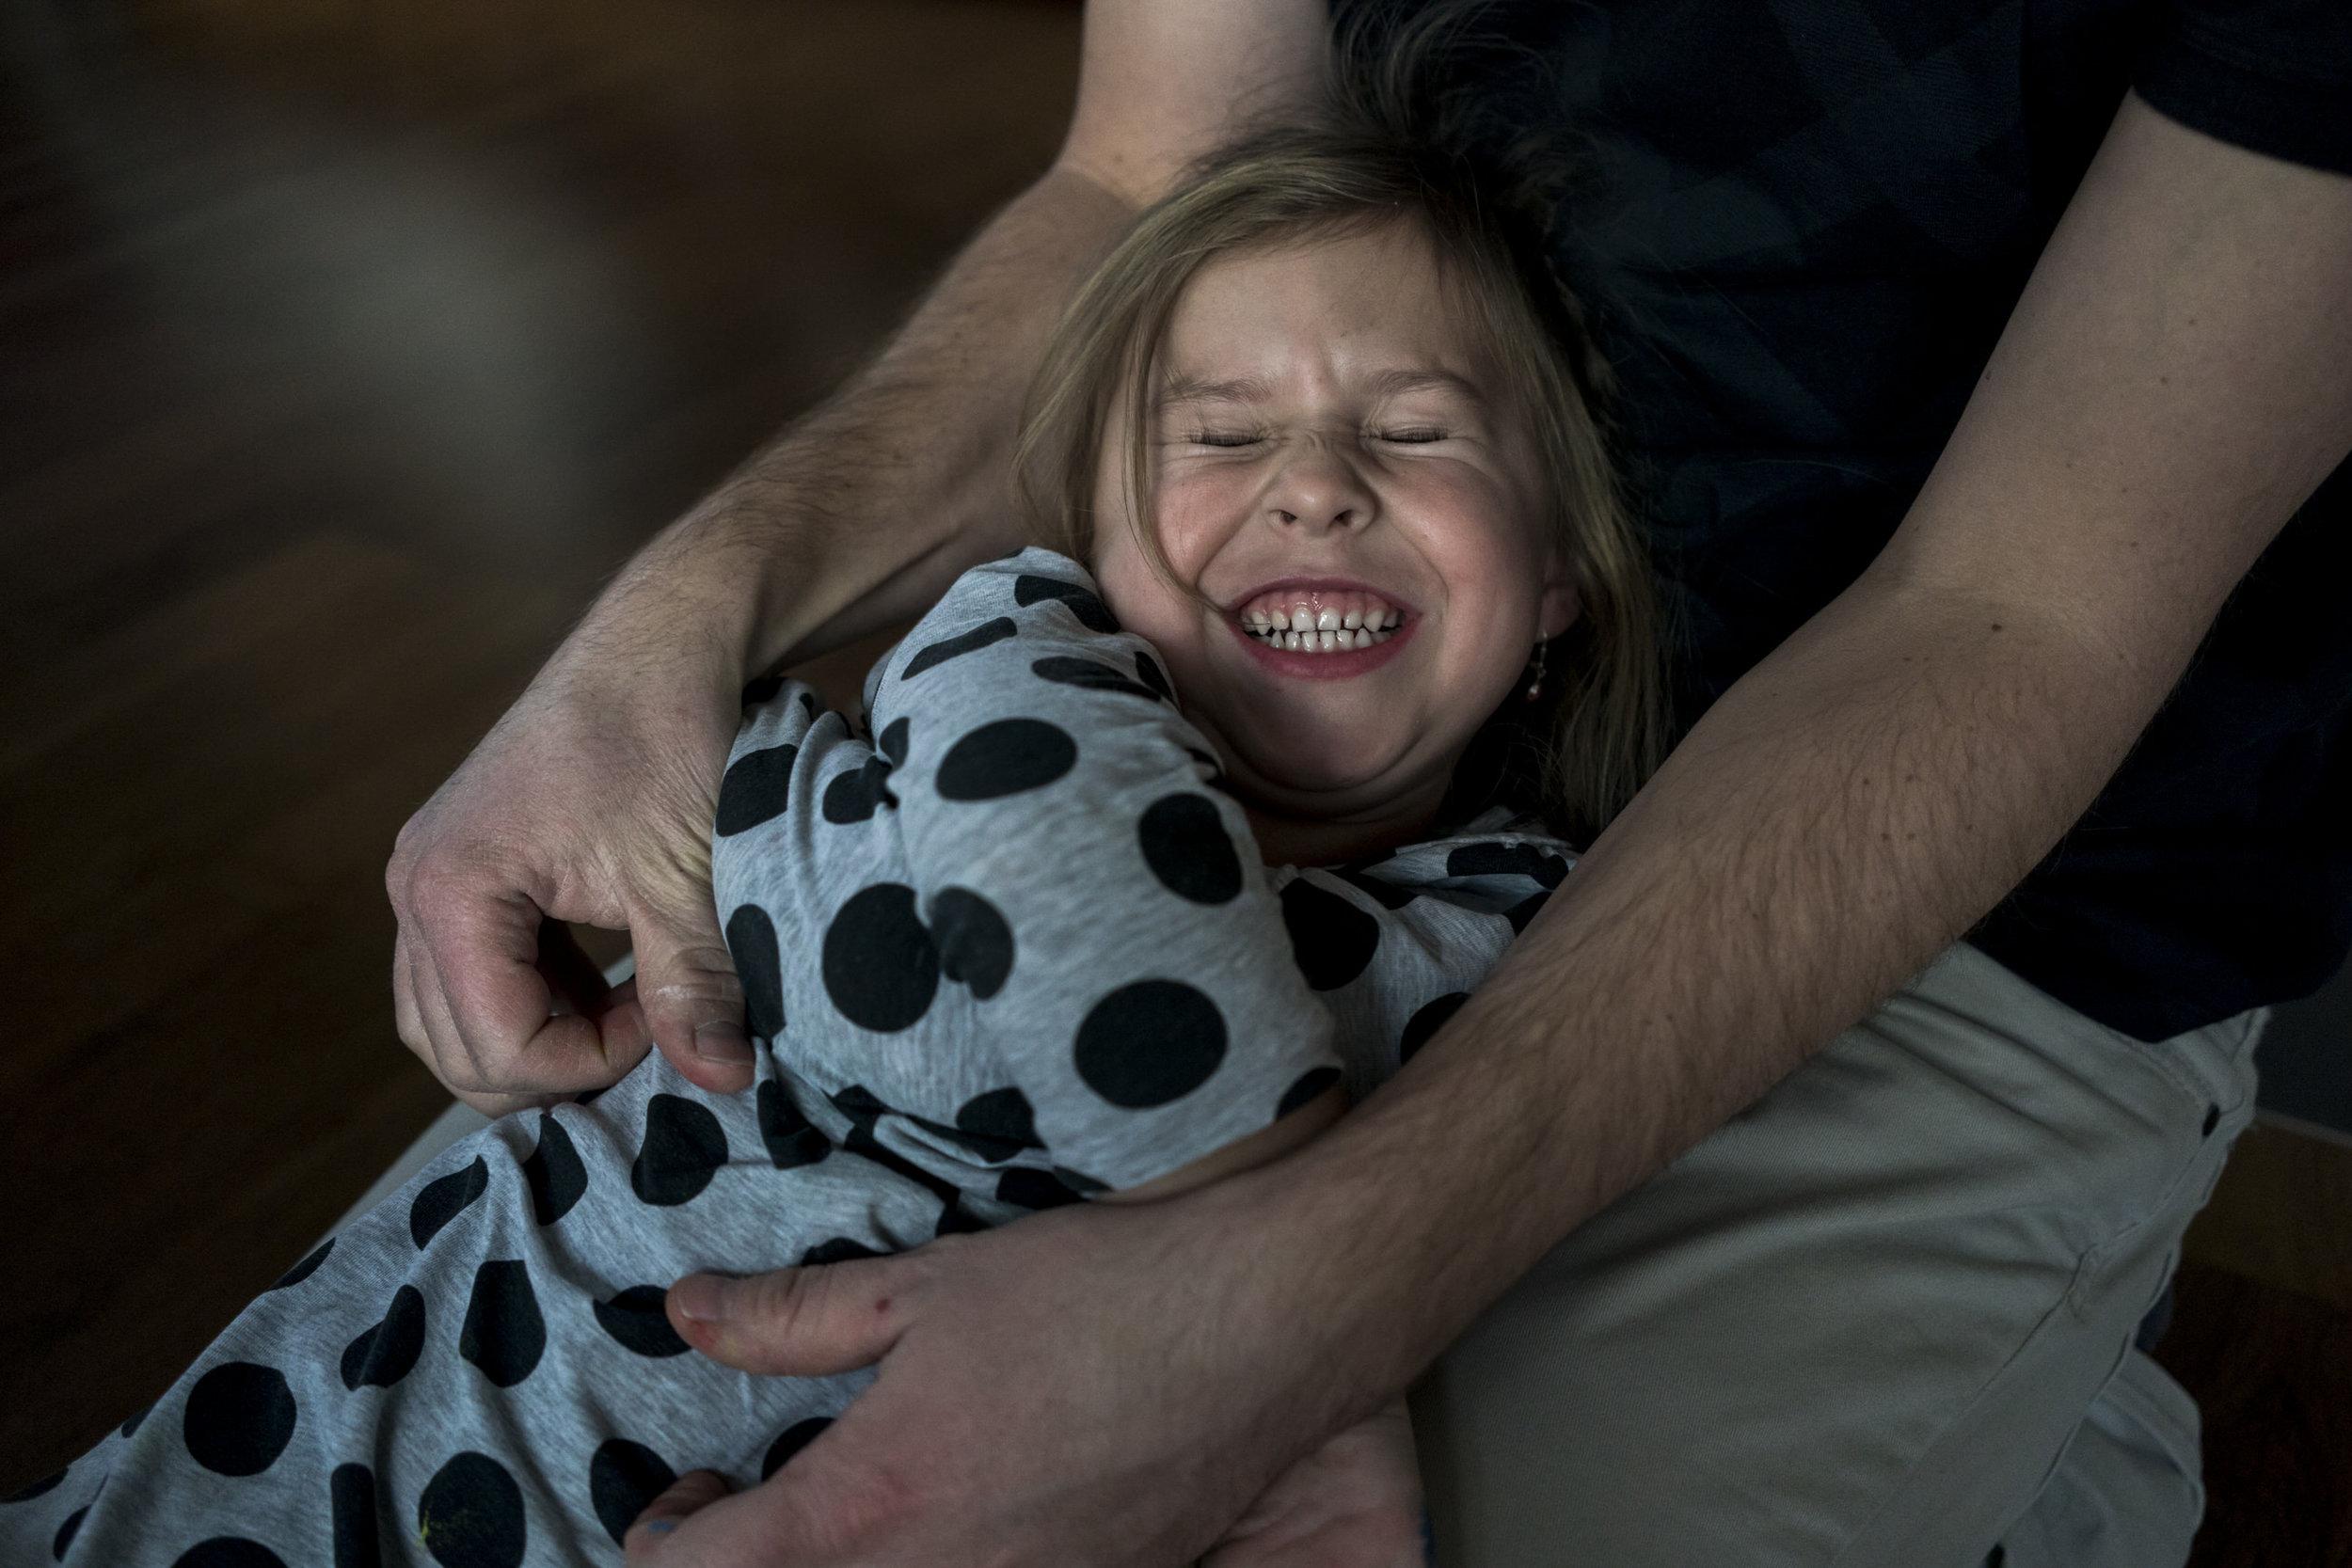 Eines meiner liebsten Familienfotos - lachendes Mädchen, das von ihrem Papa gekitzelt wird